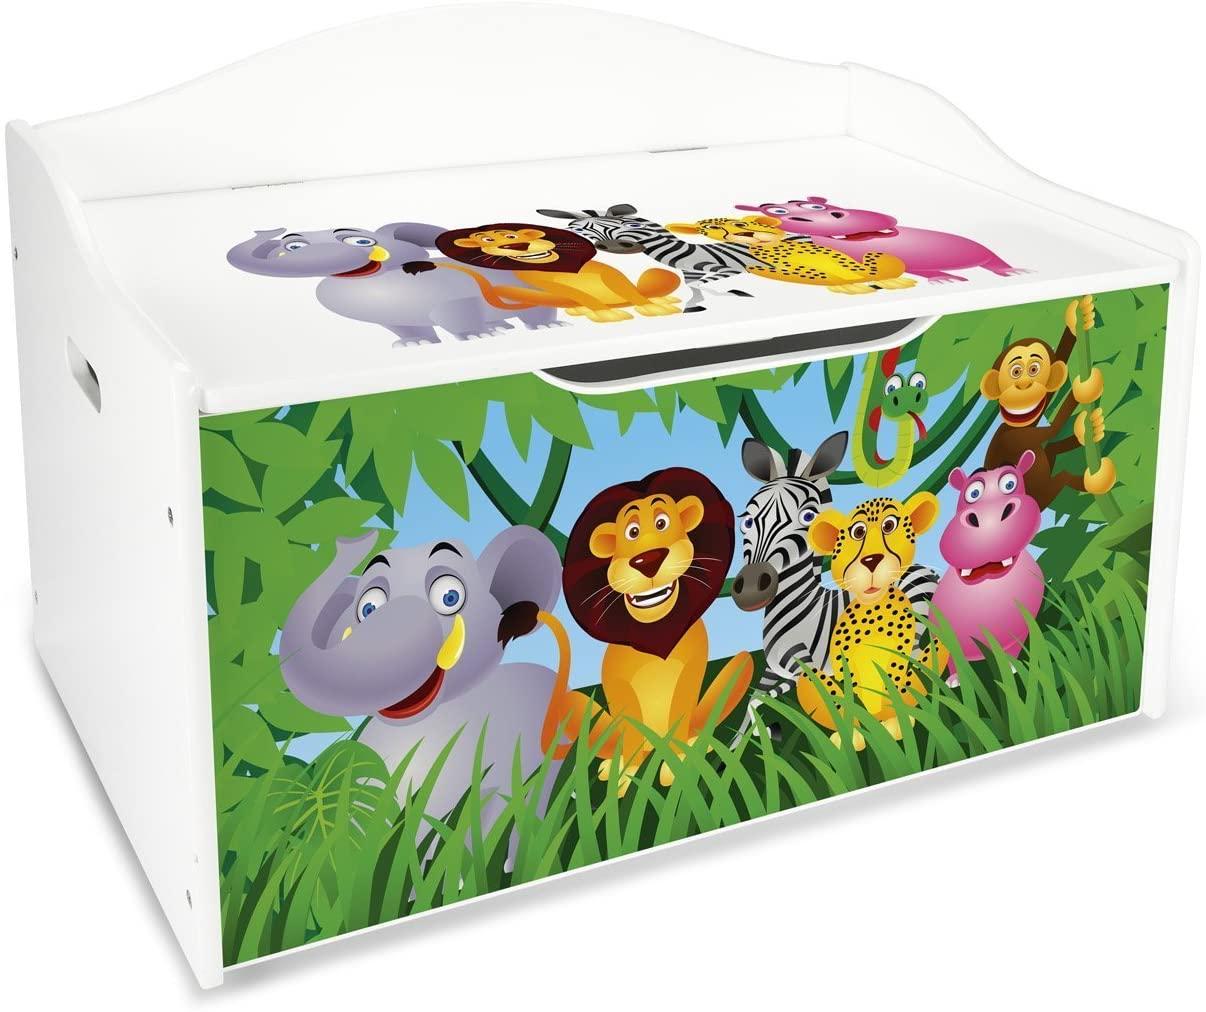 Baúl Para Juguetes XL Caja de Madera Almacenamiento Baúl Infantil Cuarto de Niños Equipamiento de Sala Jardín de Infantes Guardería Para Juguetes y Accesorios Zoo Animales